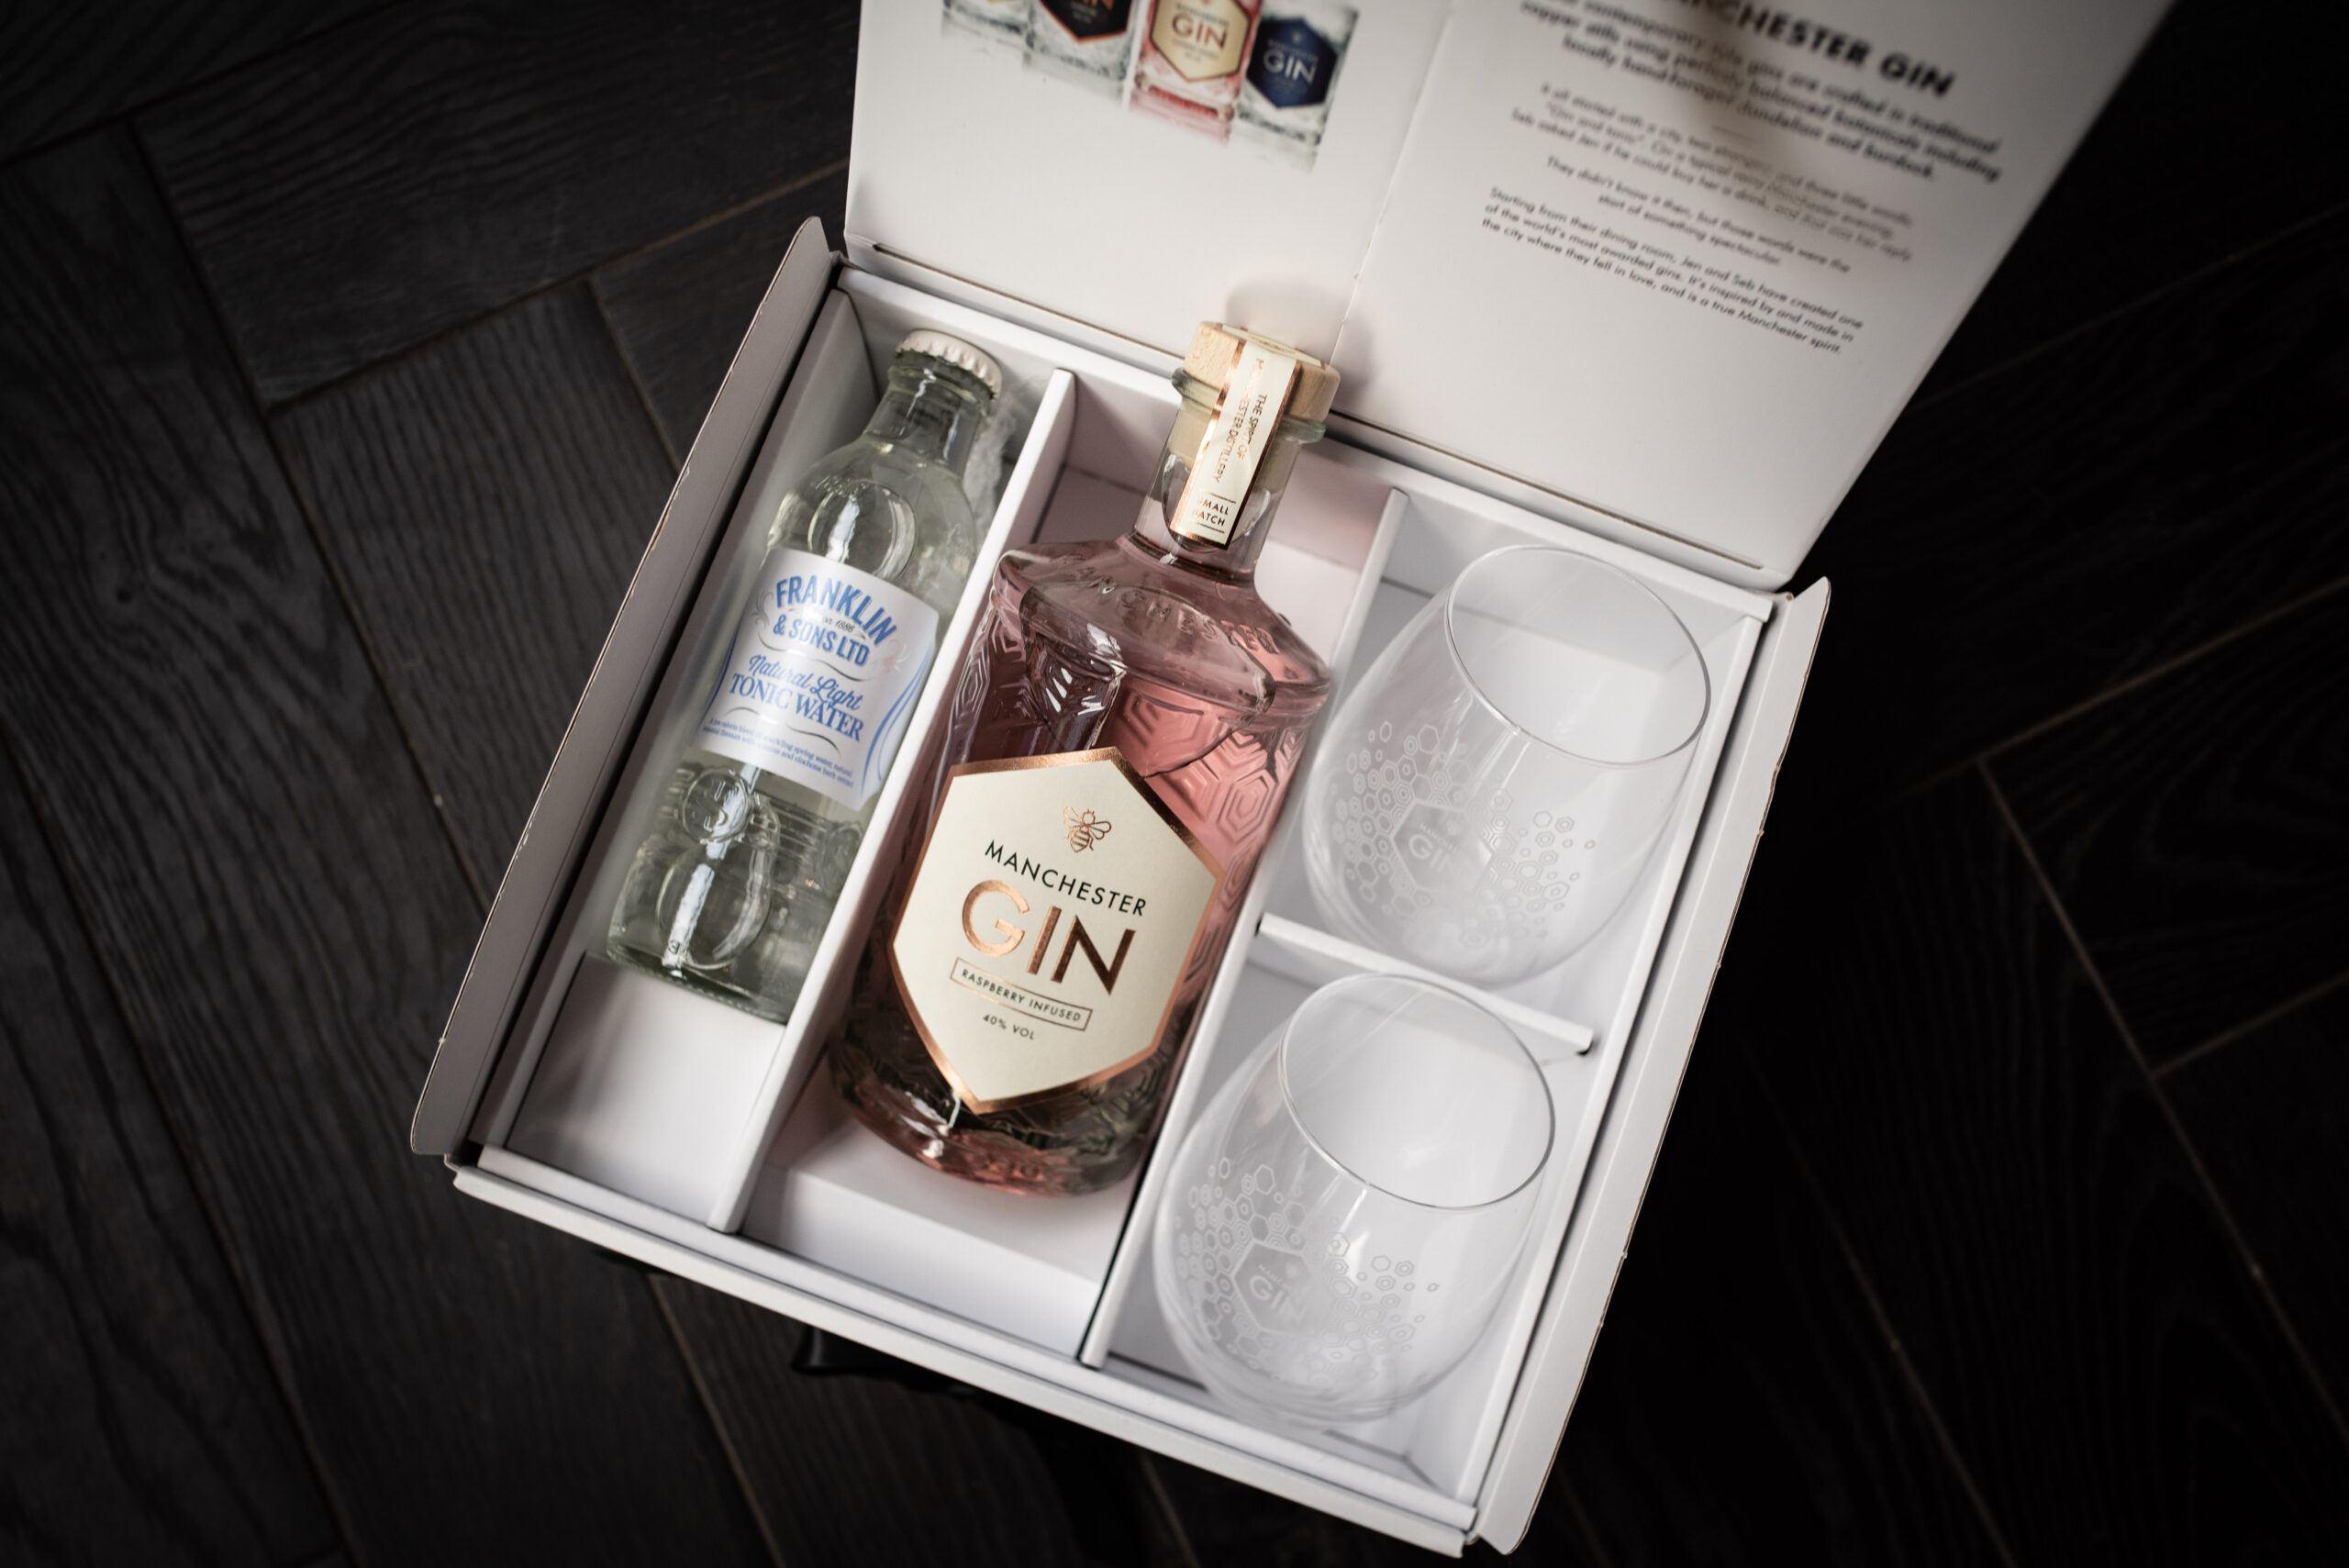 raspberry gin gift set